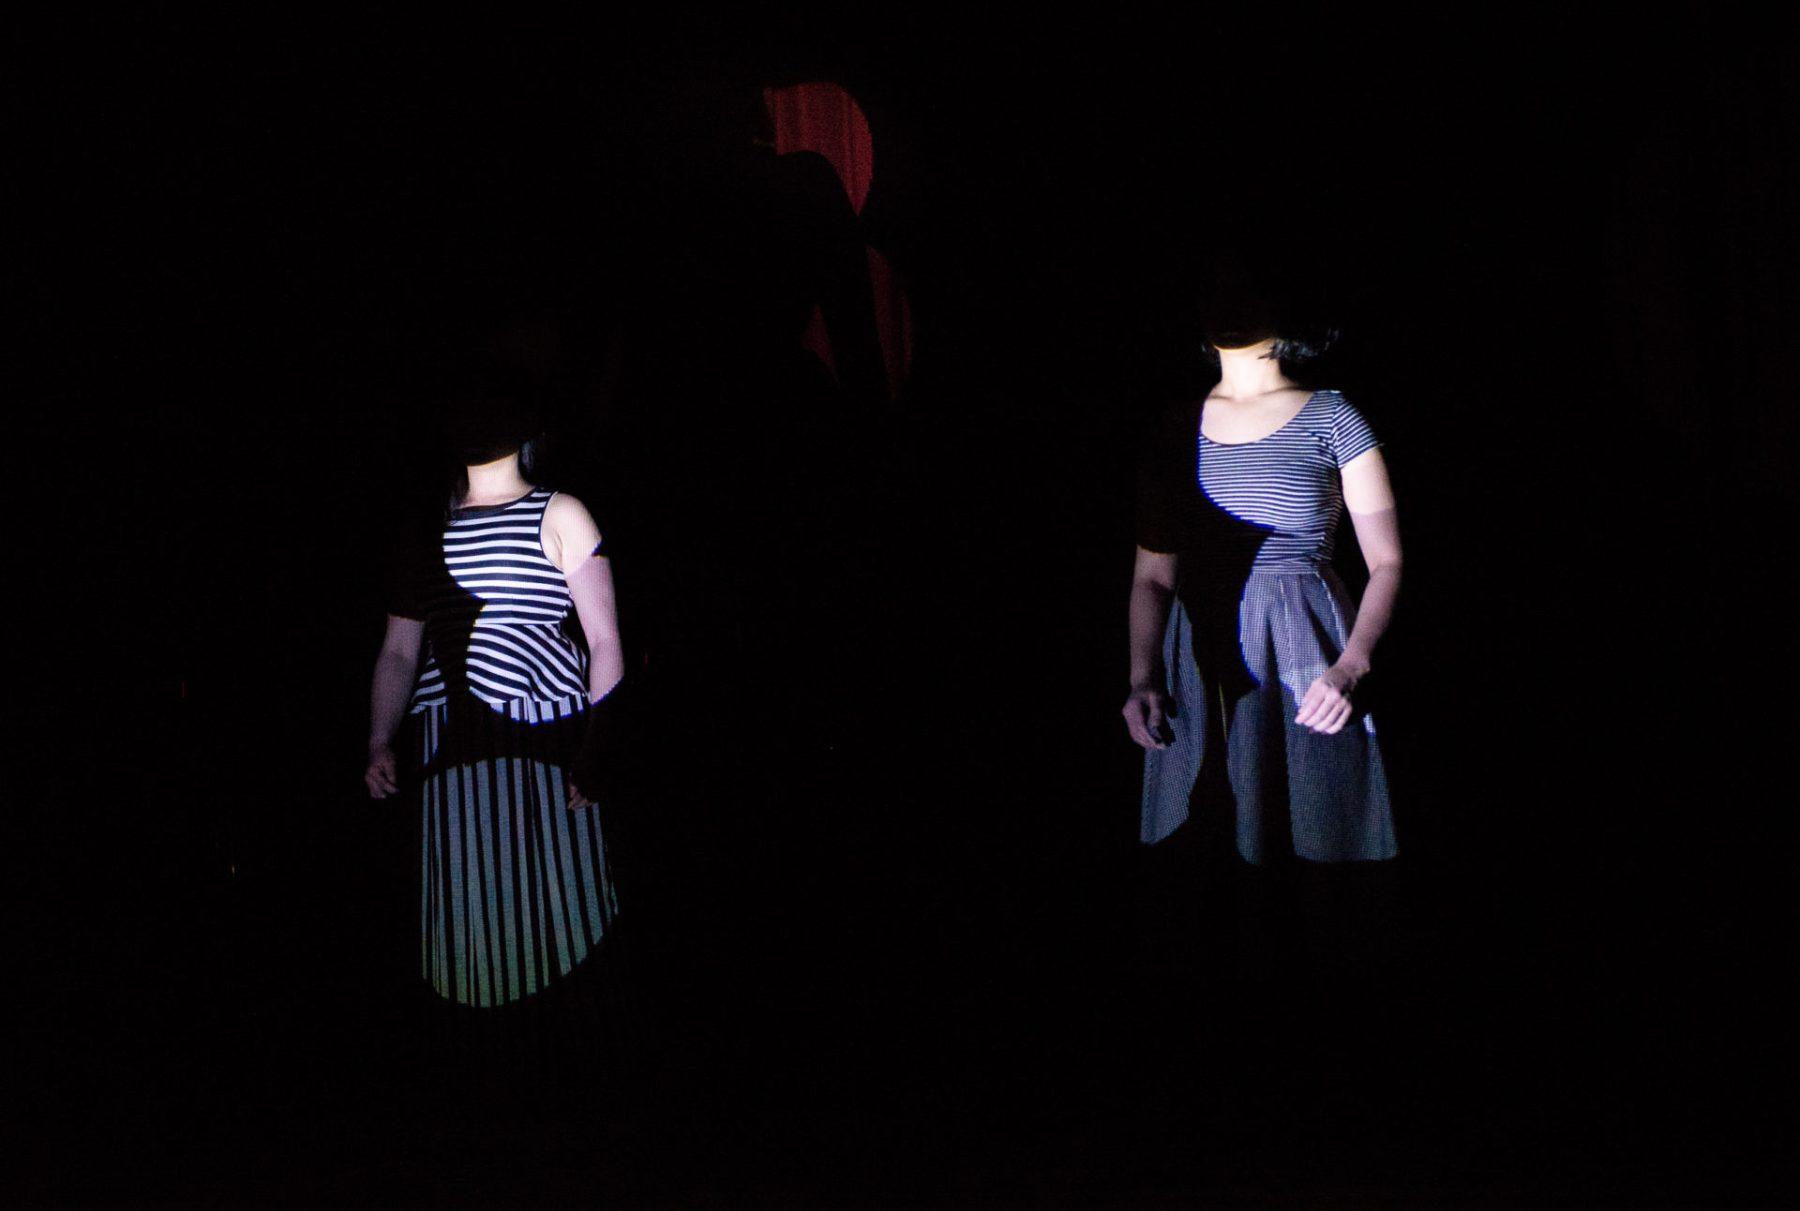 Nancy Tam, Anjela Magpantay, Walking at Night by Myself 2018